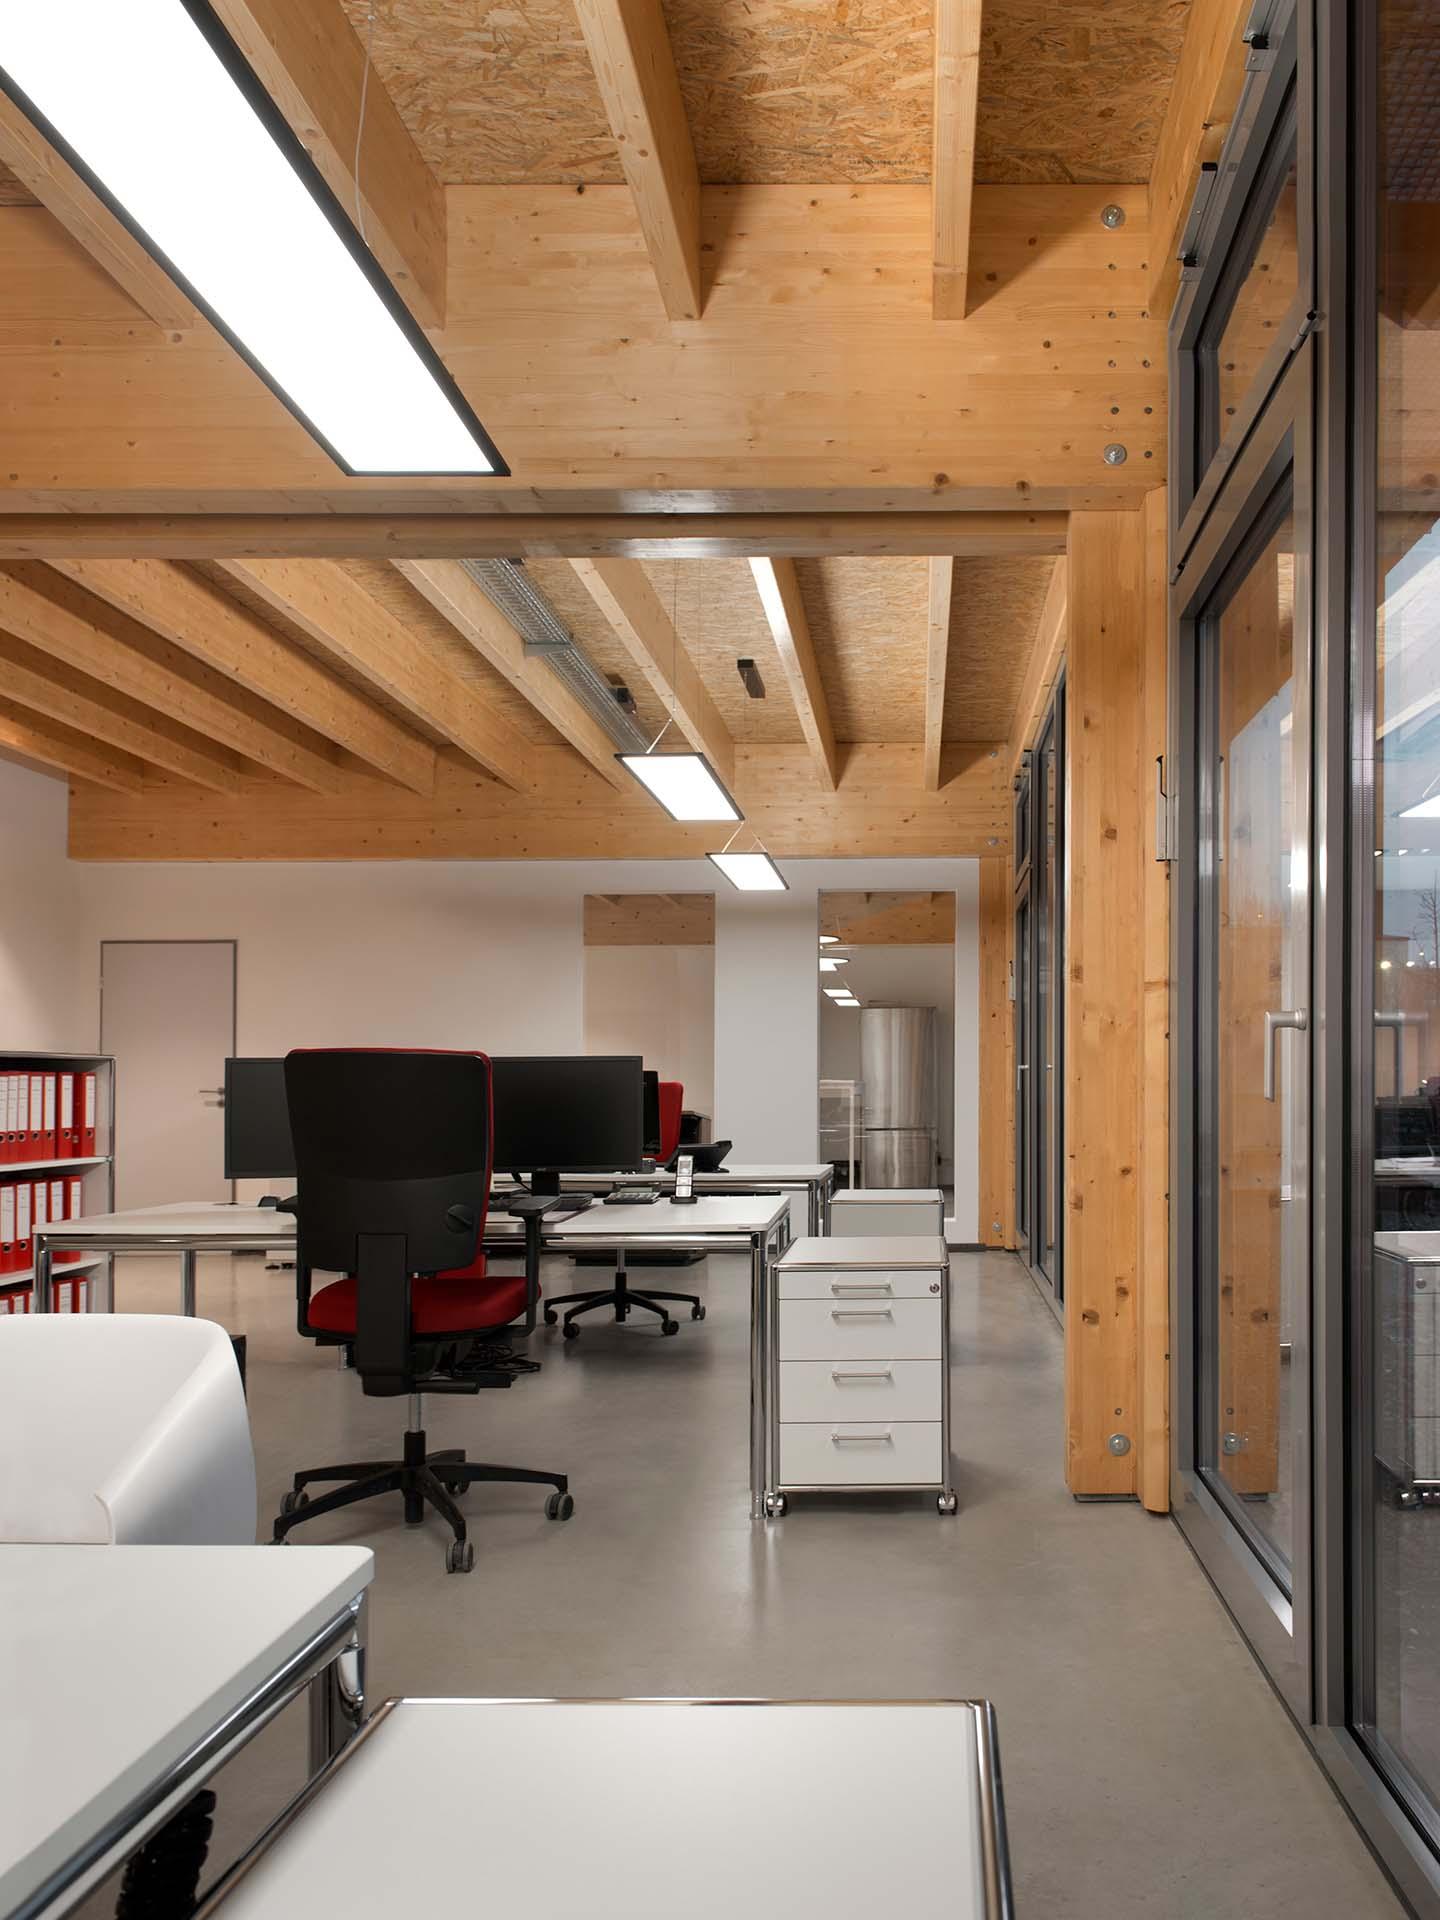 Innenansicht eines Bürogebäudes aus Holz.